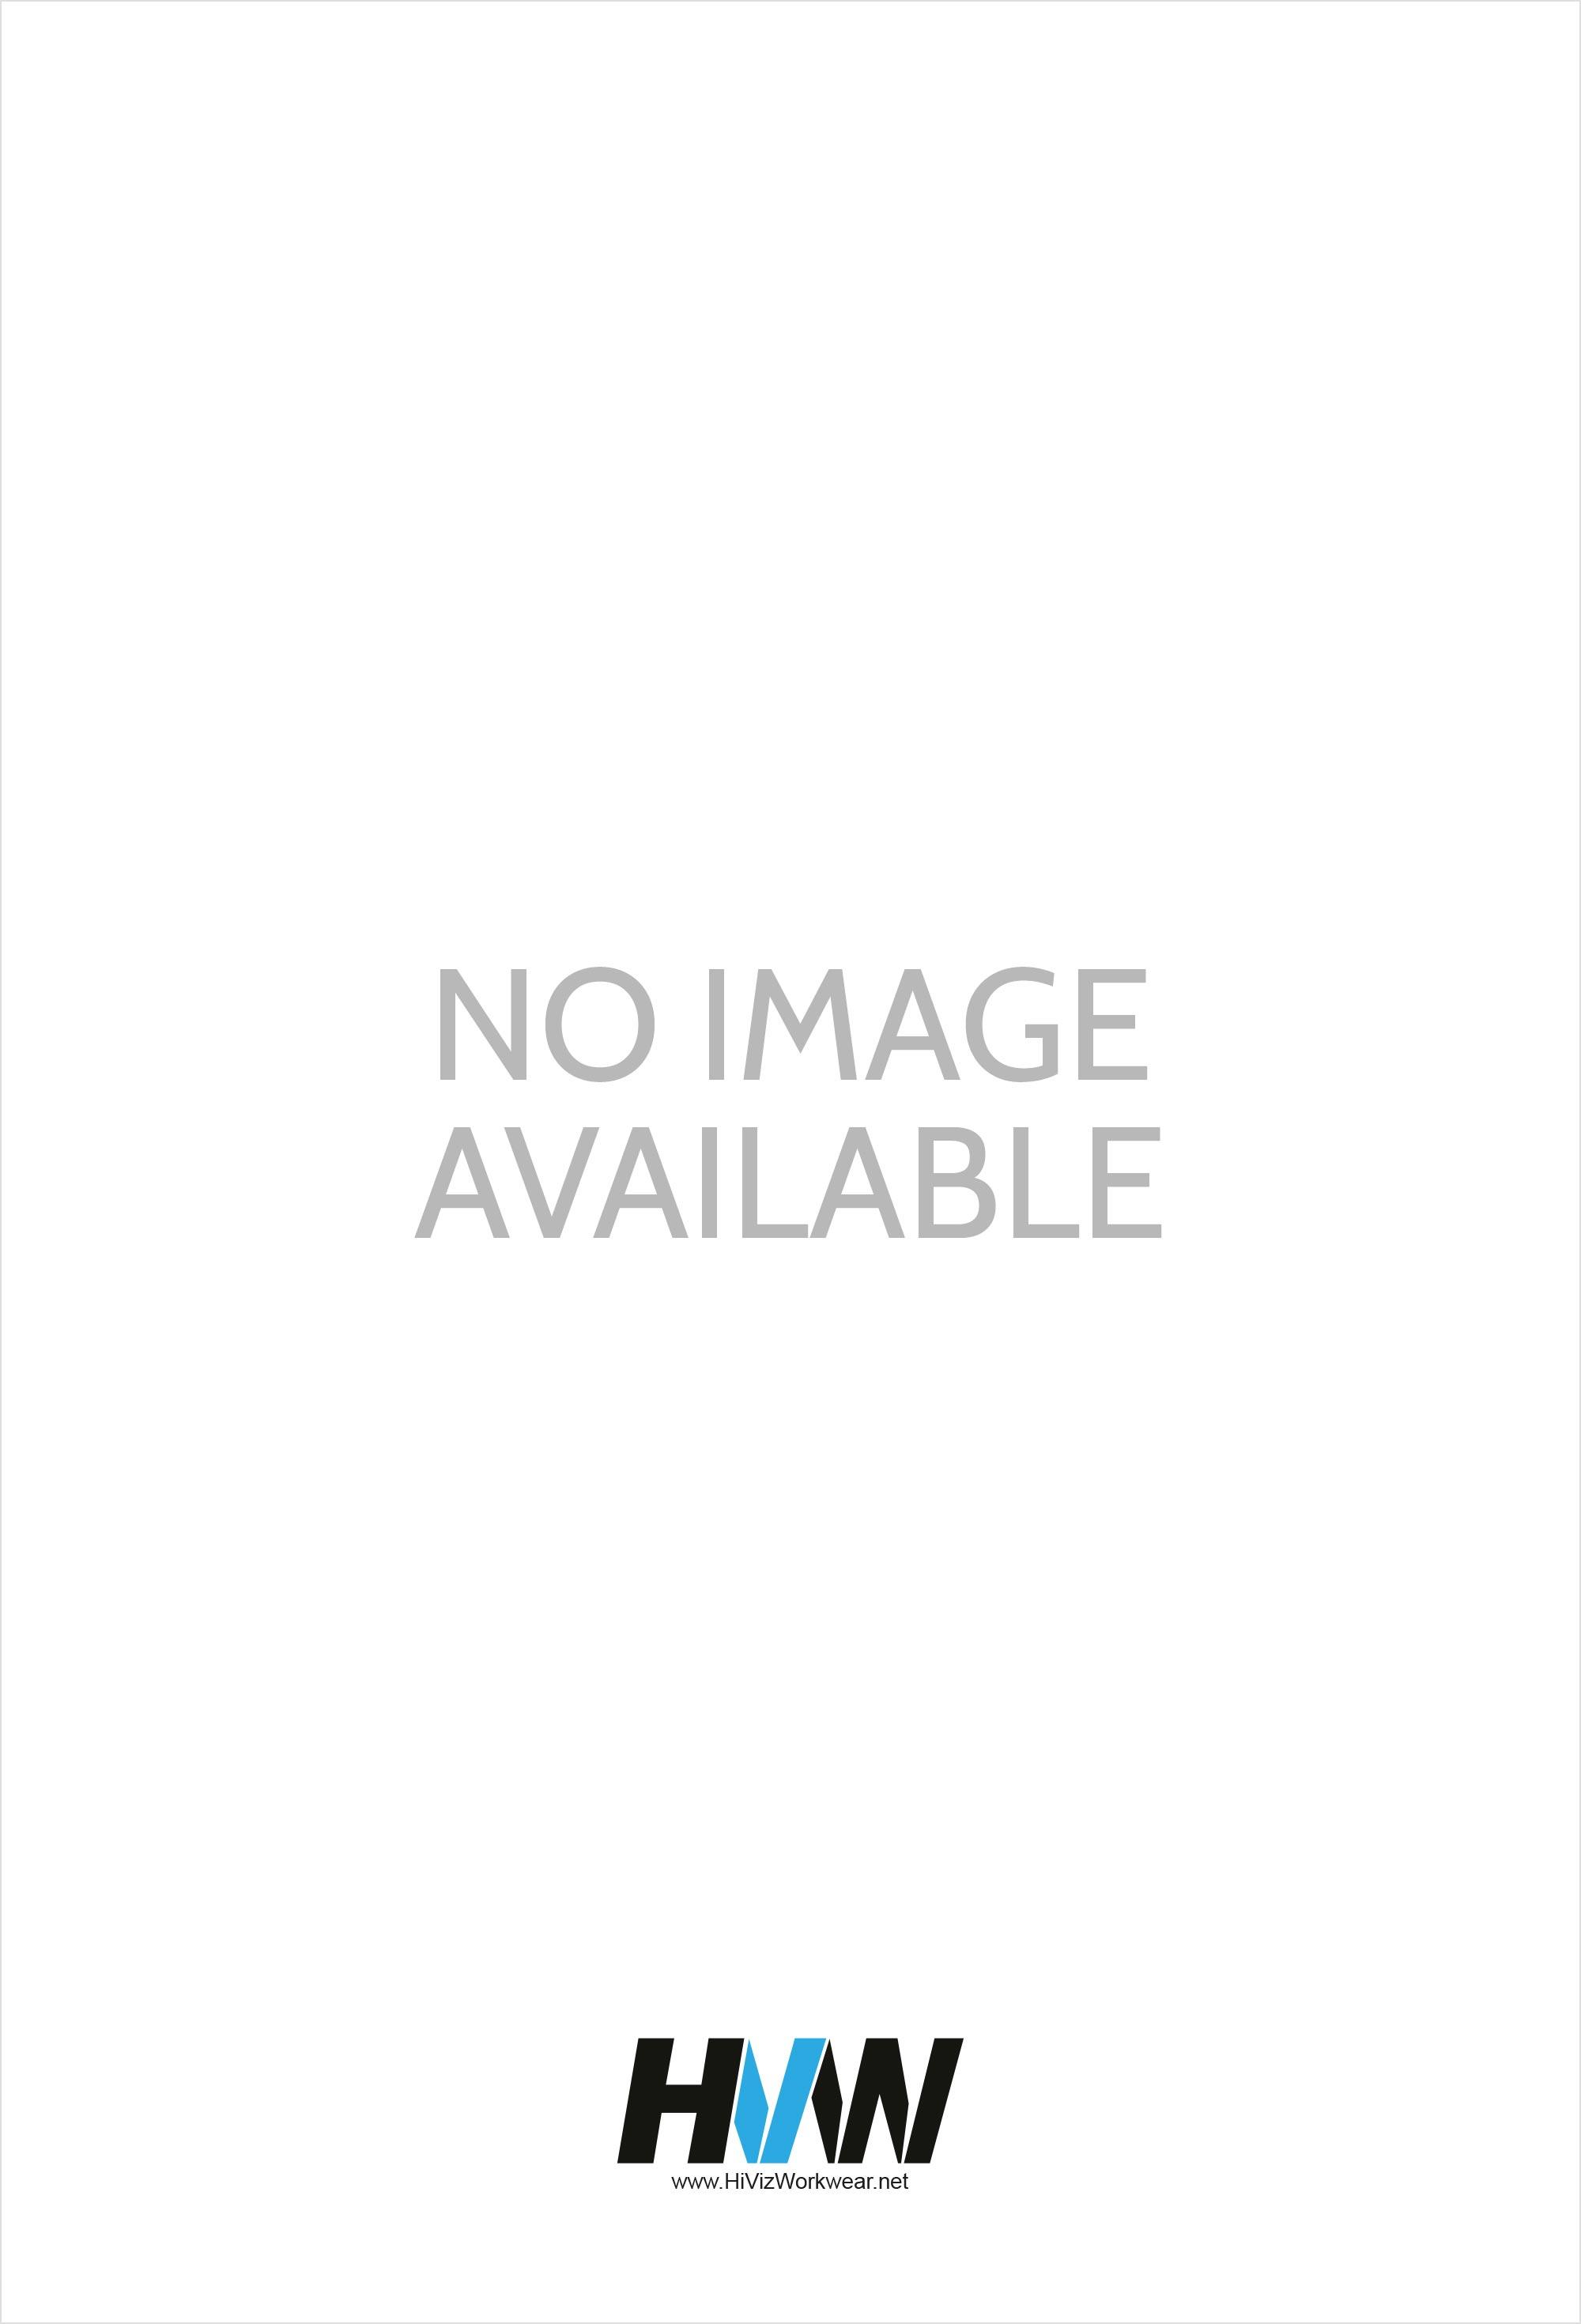 Premier PR306 Womens 'Roll Sleeve' Poplin Blouse  (XS To 2XL)